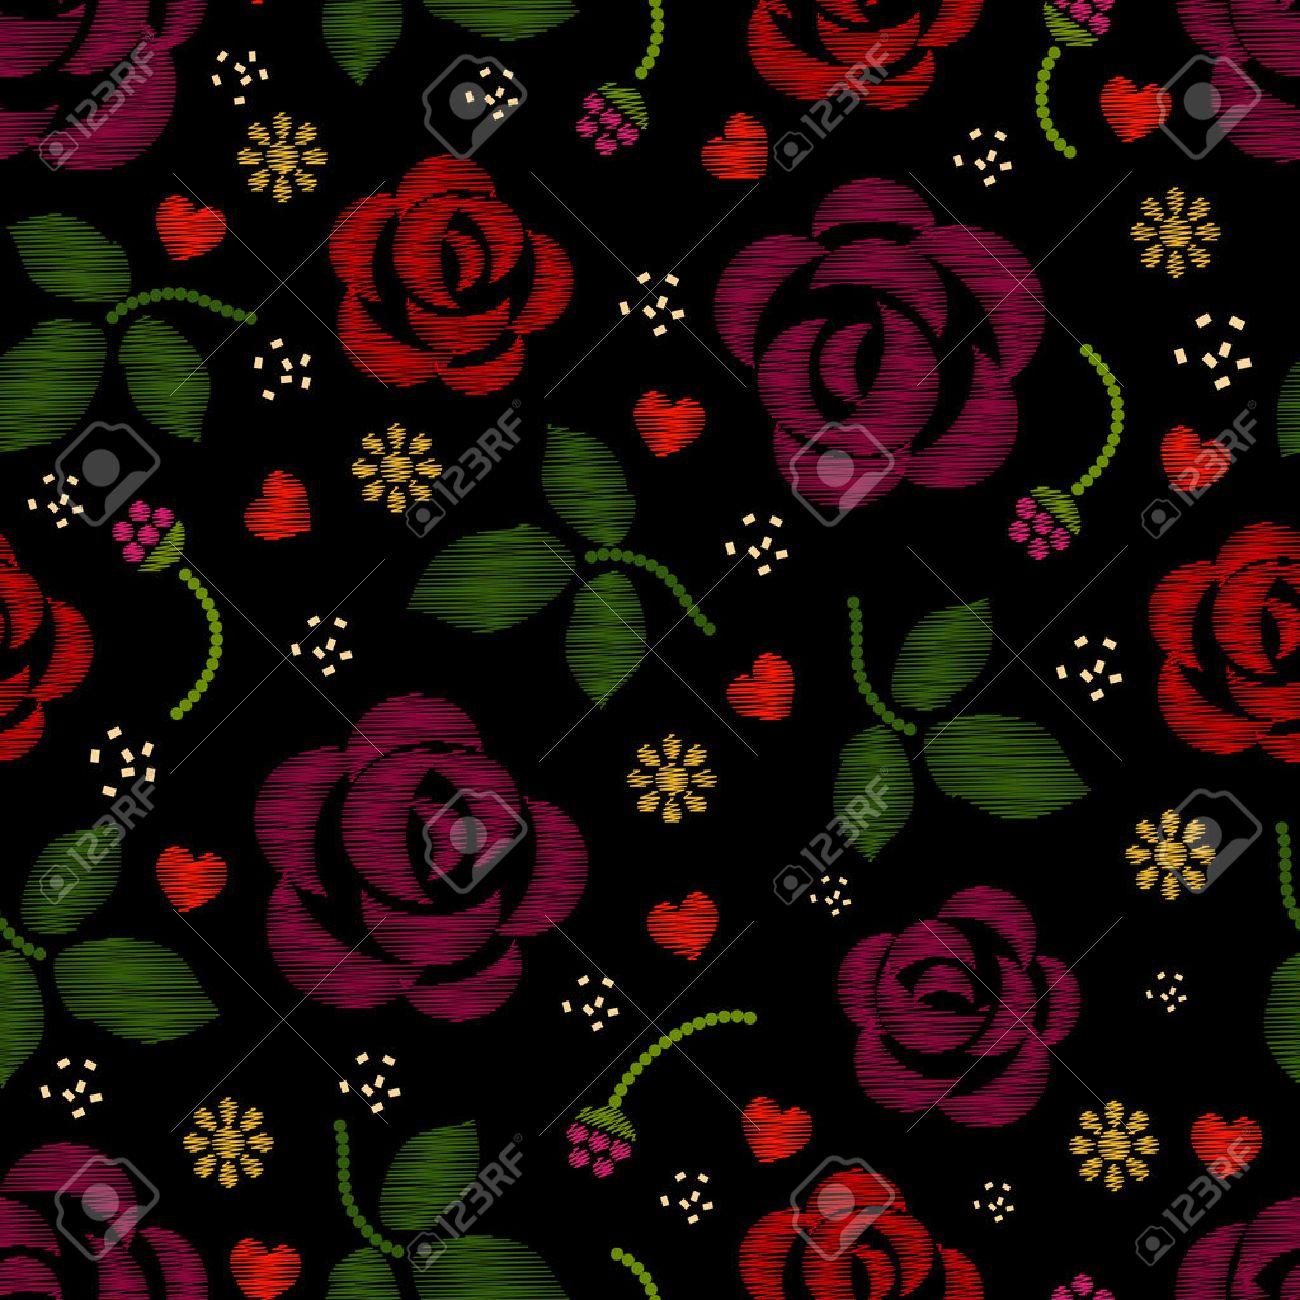 Foto de archivo - Patrón de bordado con flores rosas. fondo bordado de  flores y patrón de bordado con la rosa. ilustración vectorial 97f8b51a7f3e0